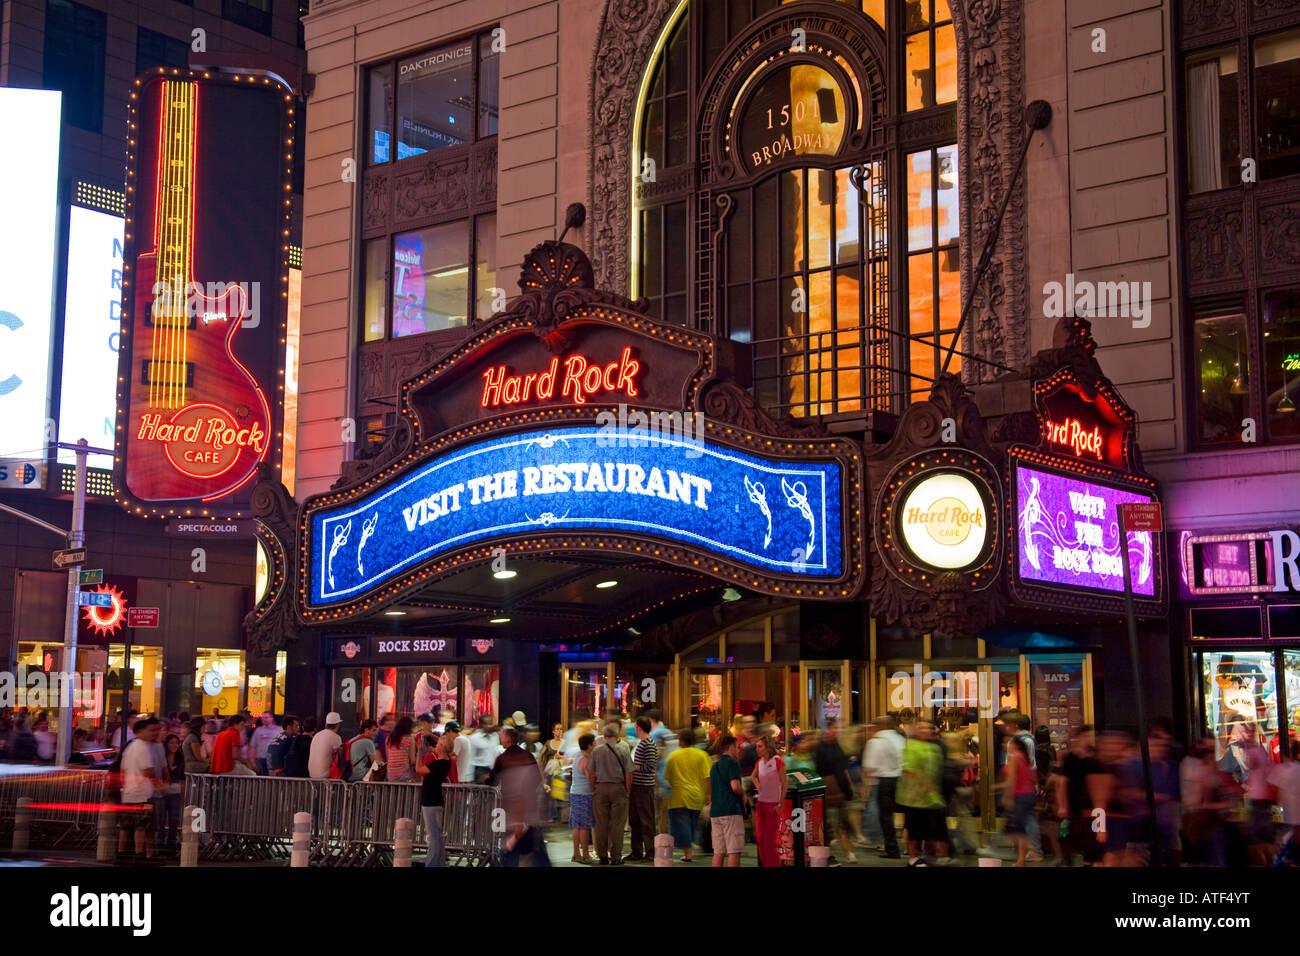 Hard Rock Cafe New York Ny Usa